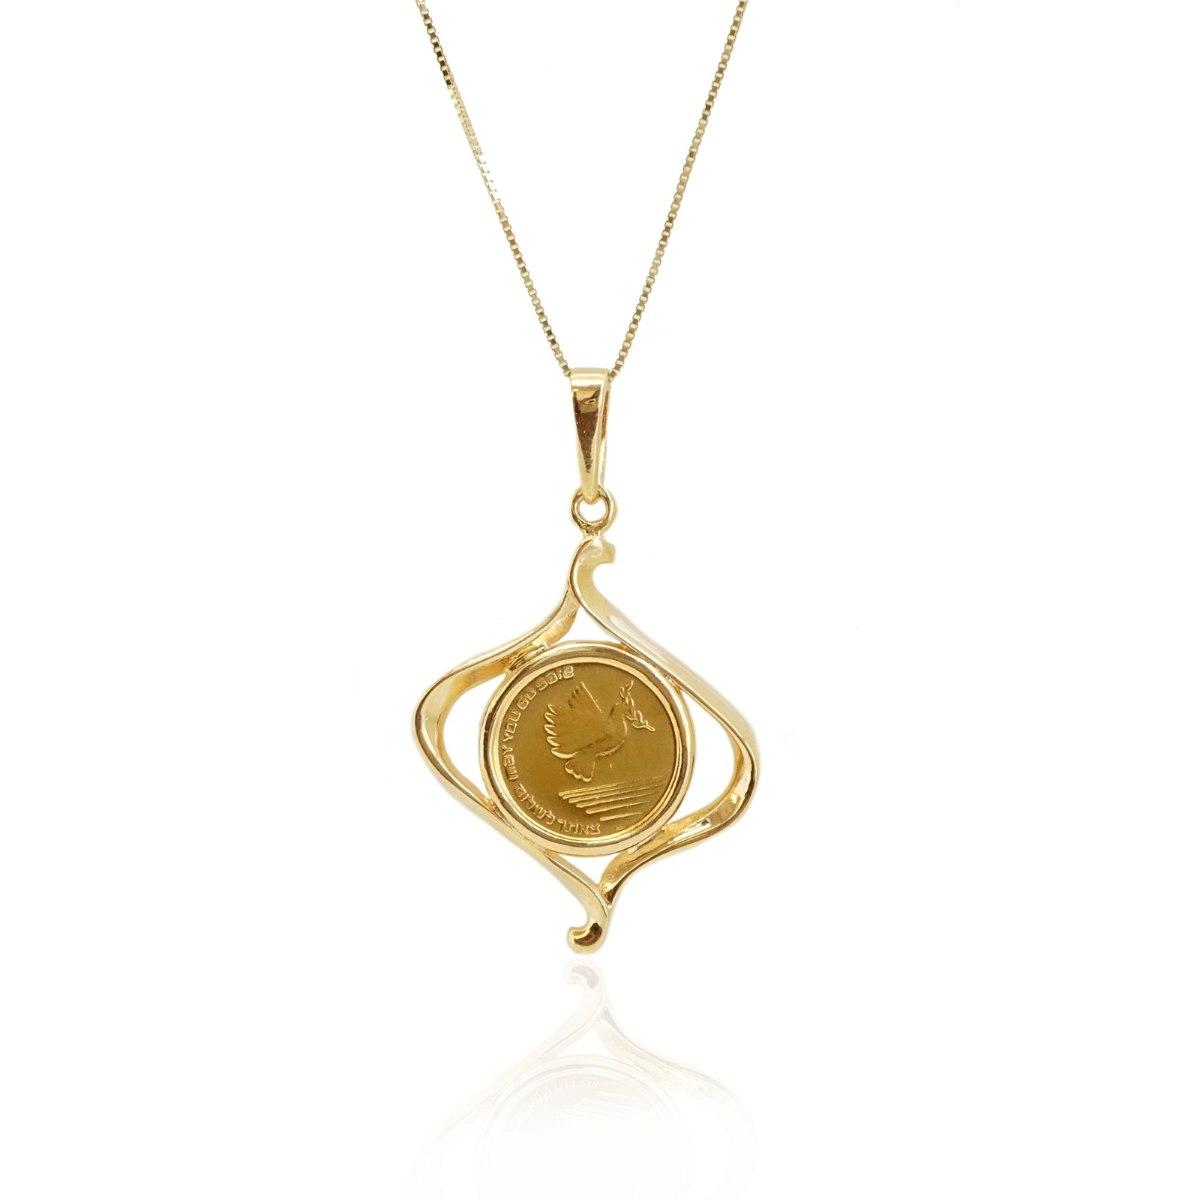 תליון ושרשרת זהב מטבע - תליון סגנון מטבע